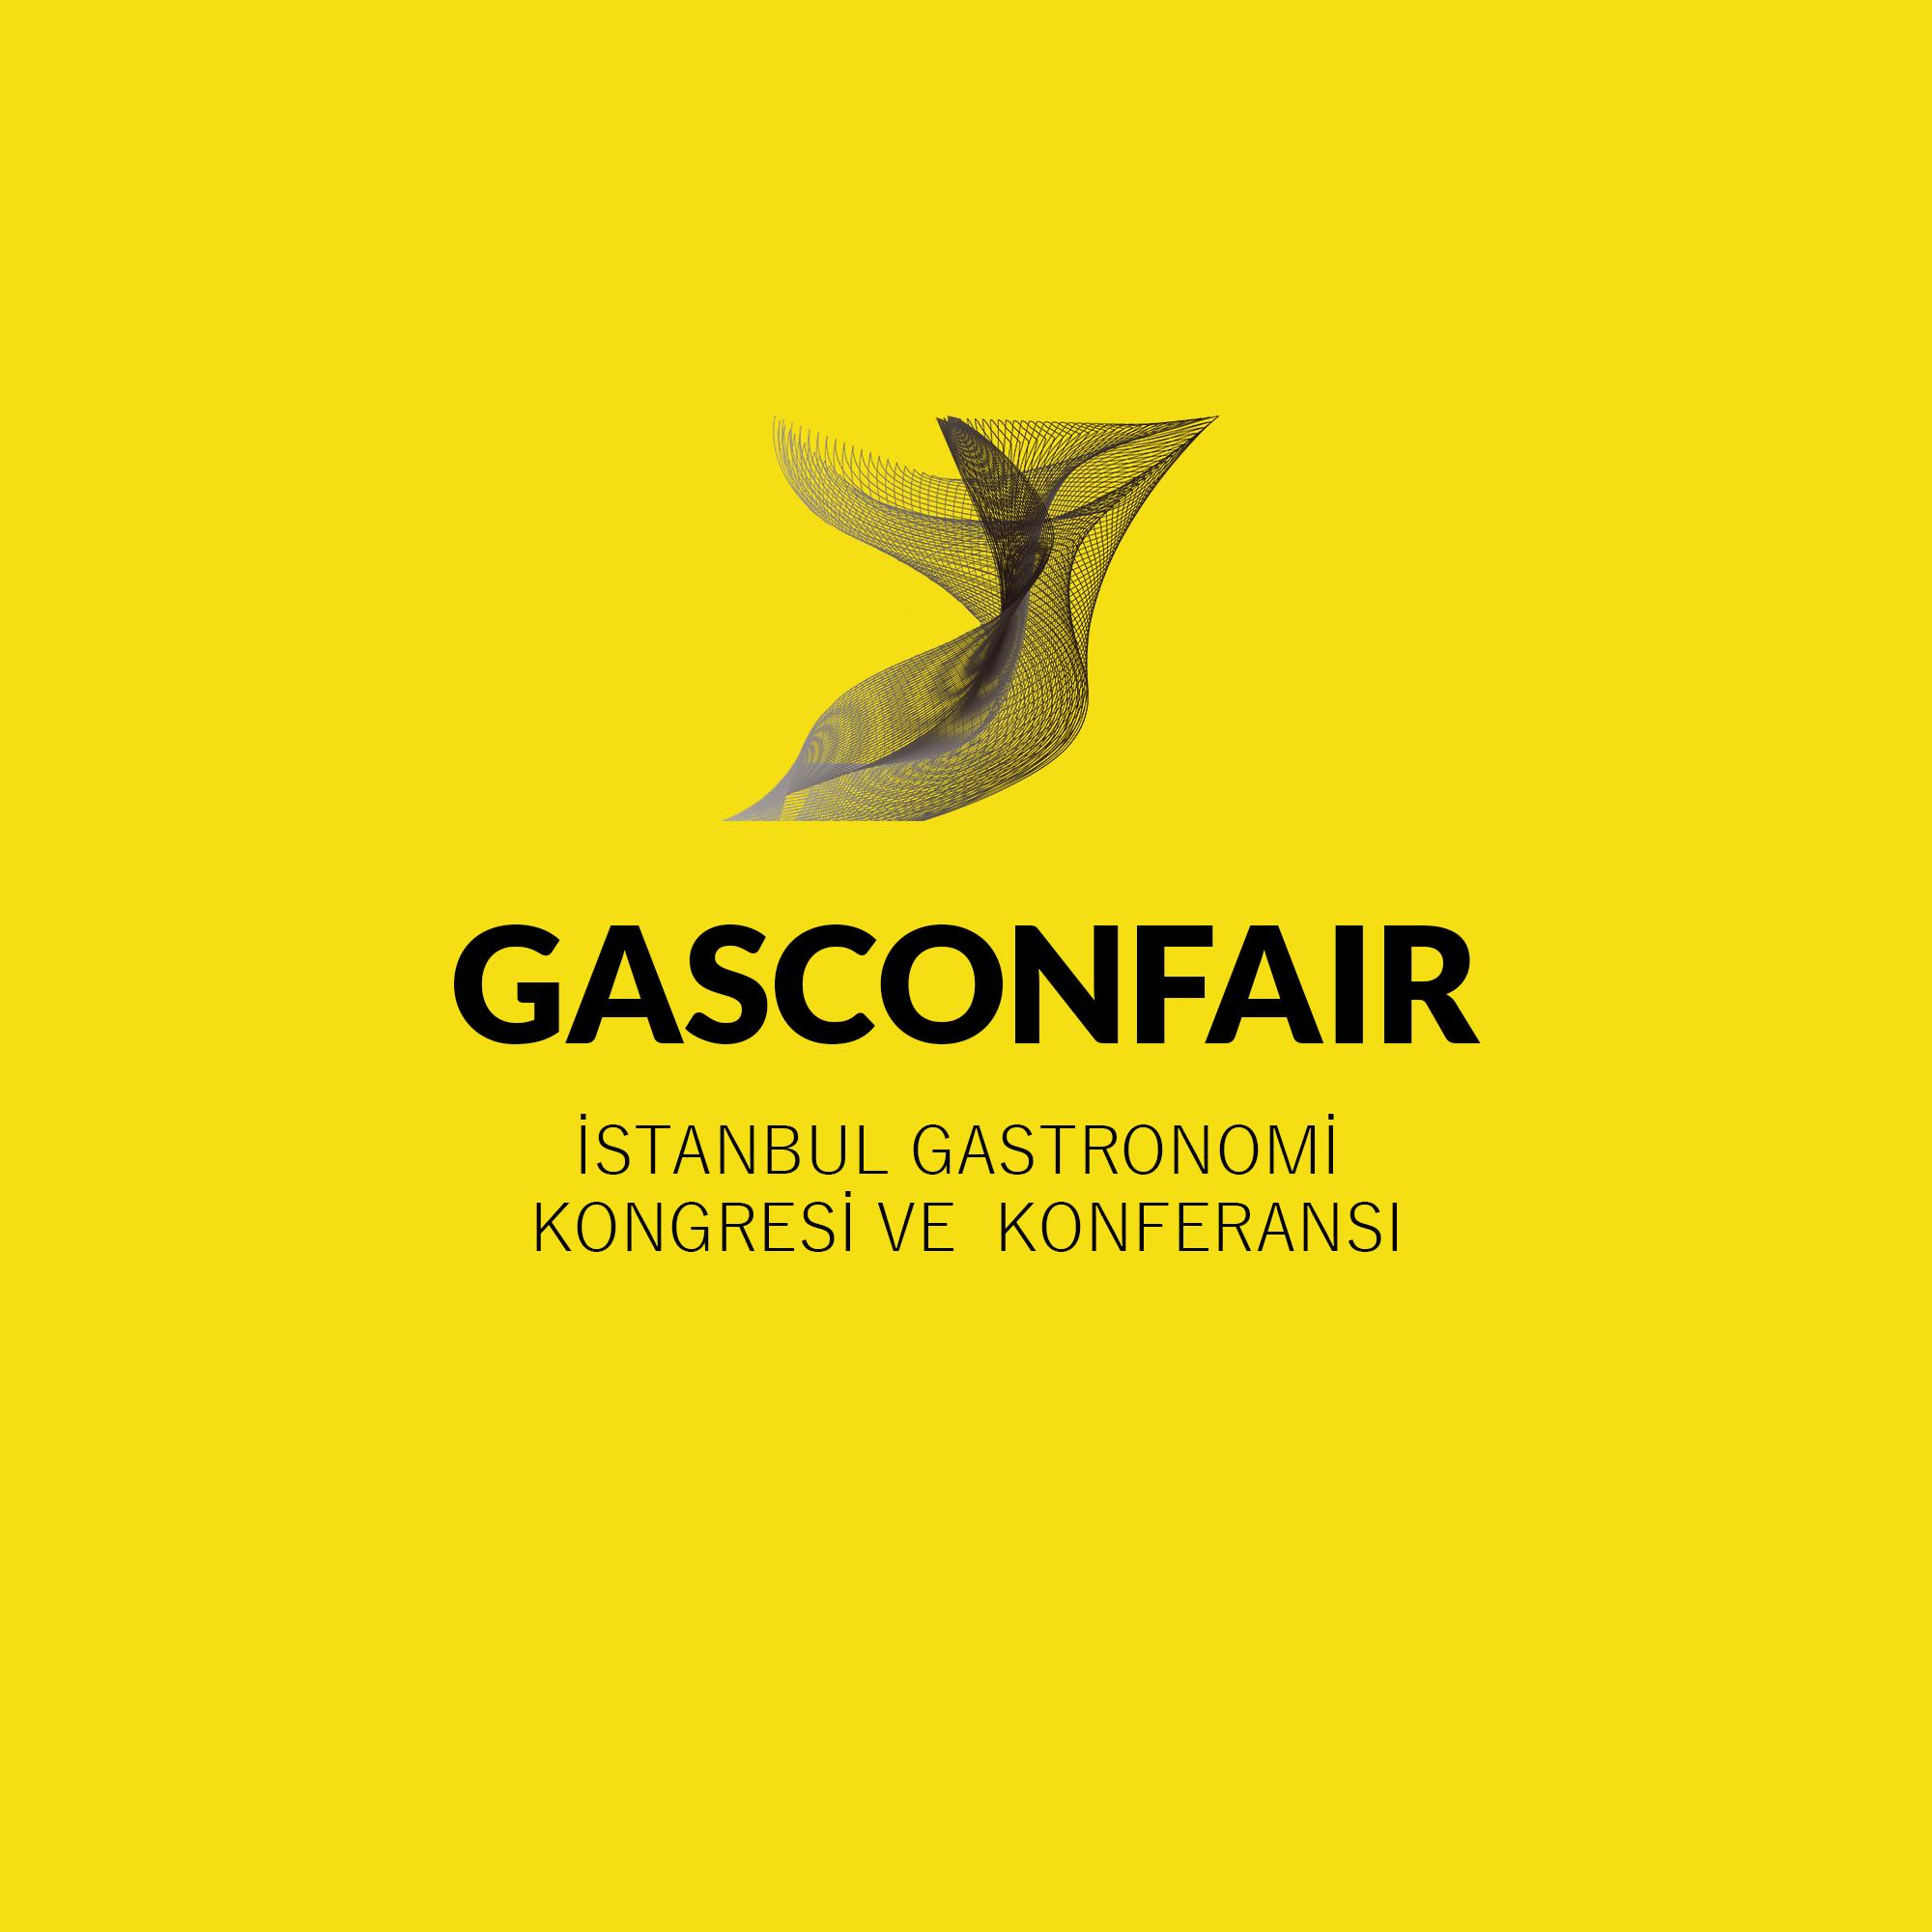 Gasconfair